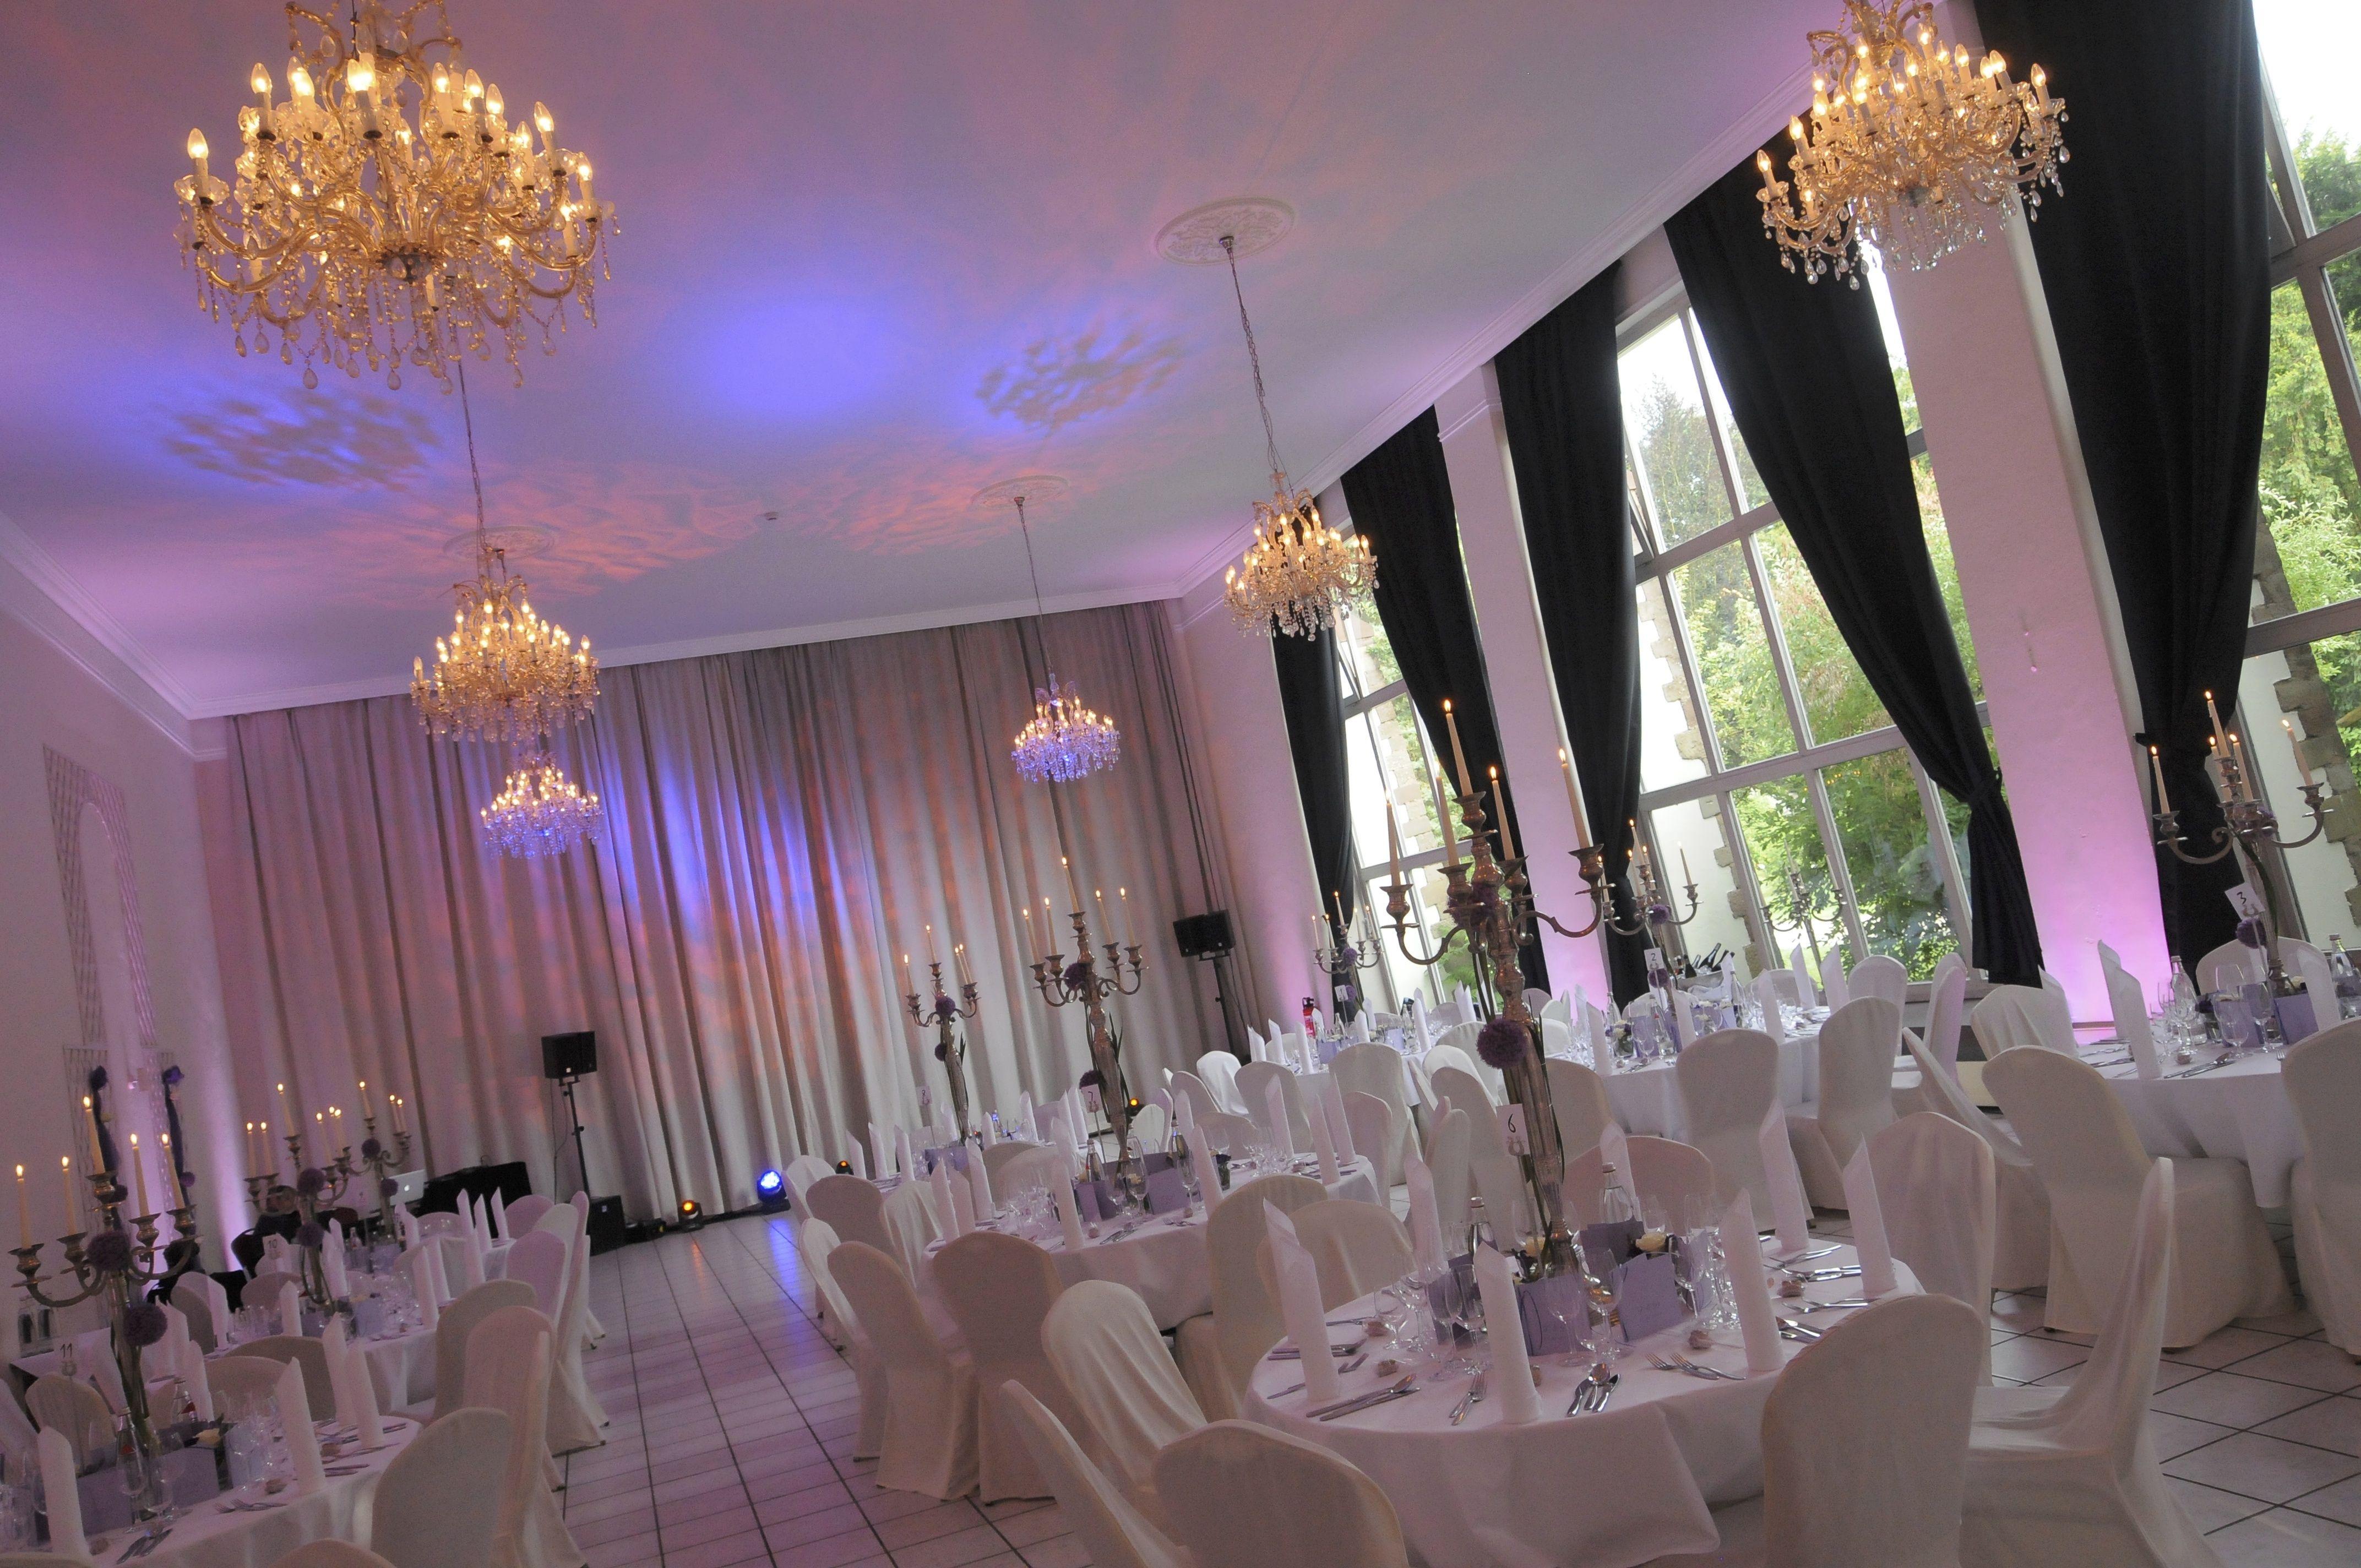 Ballsaal Orangerie Im Nells Park Nells Park Hotel Hotel Trier Hoteltrier Nellspark Nellsparkhotel Nellsparkhoteltrier Lifestyle Par Heiraten Ballsaal